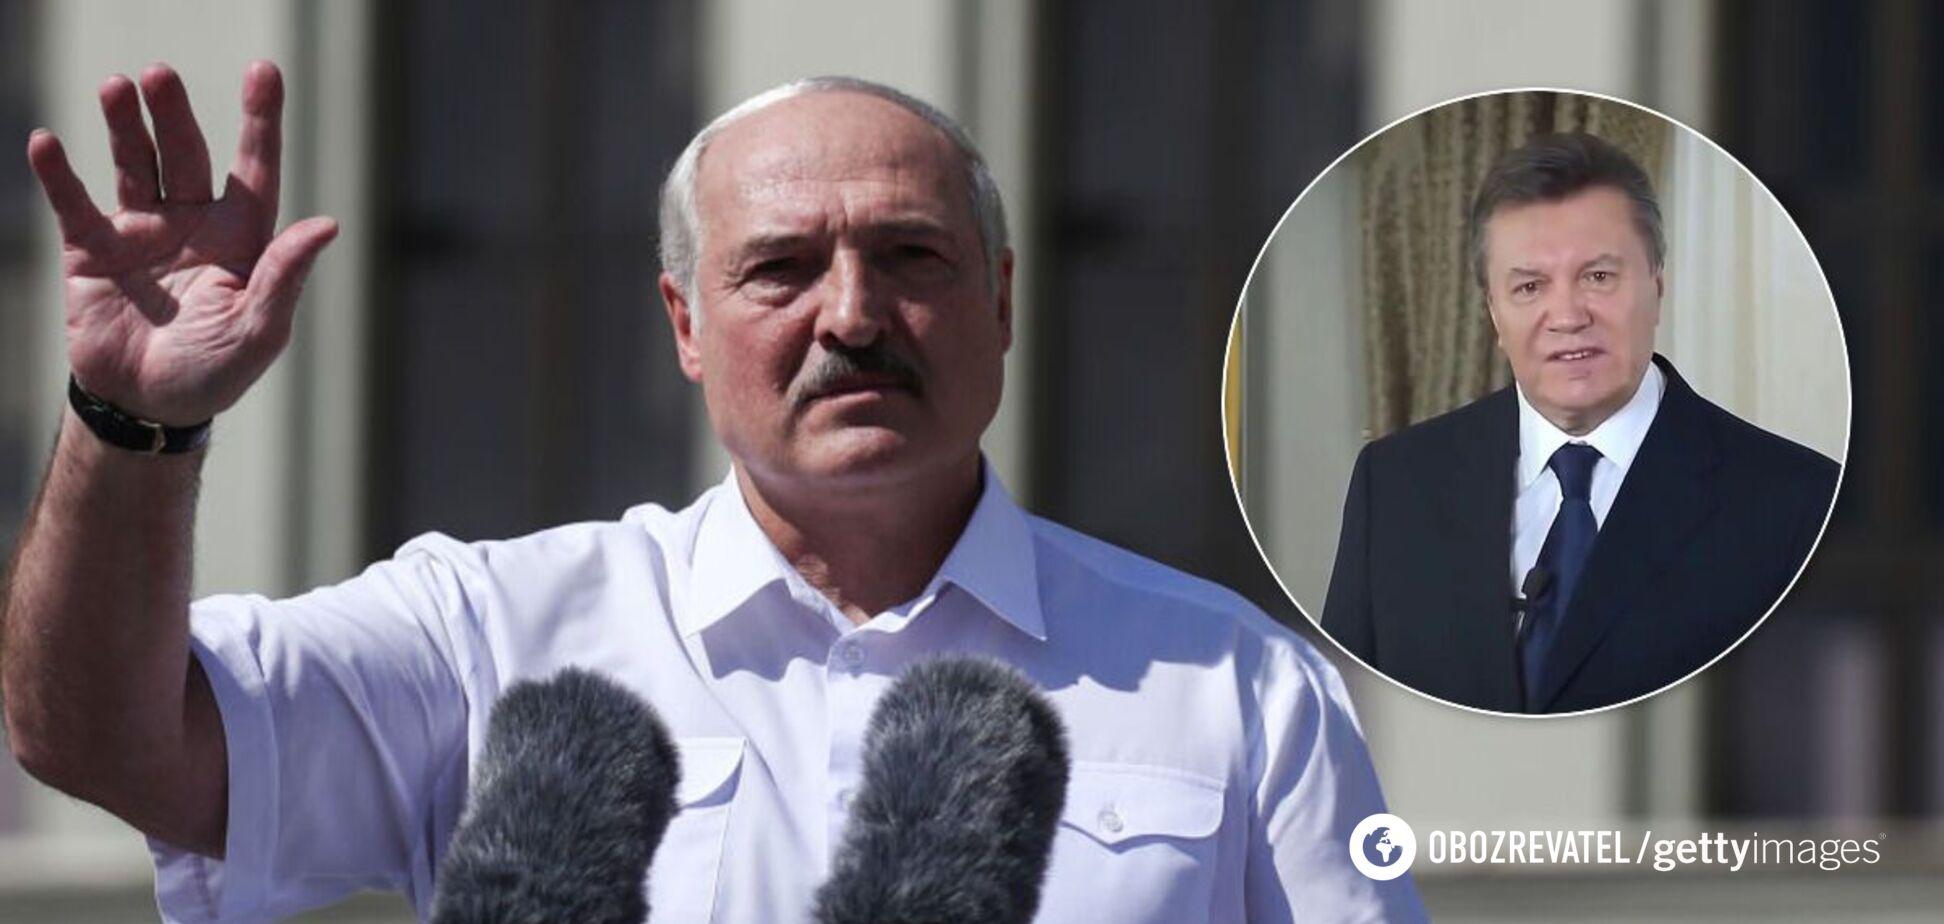 Остановитесь! Лукашенко повторил 'легендарную' просьбу Януковича. Видео